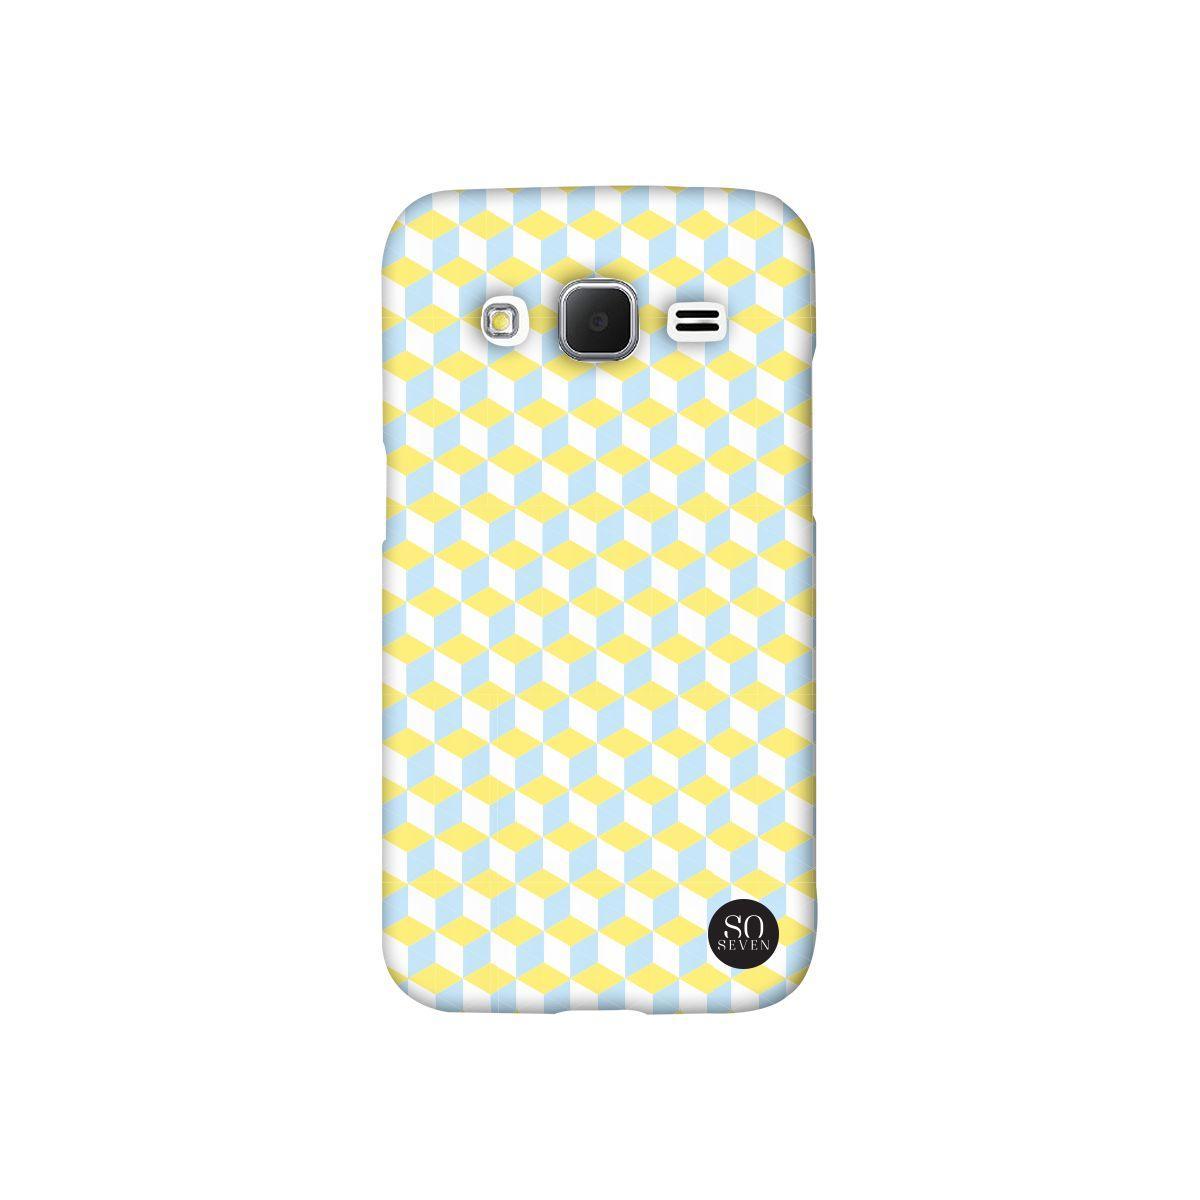 Coque so seven retro cubic vert jaune iphone 6/6s